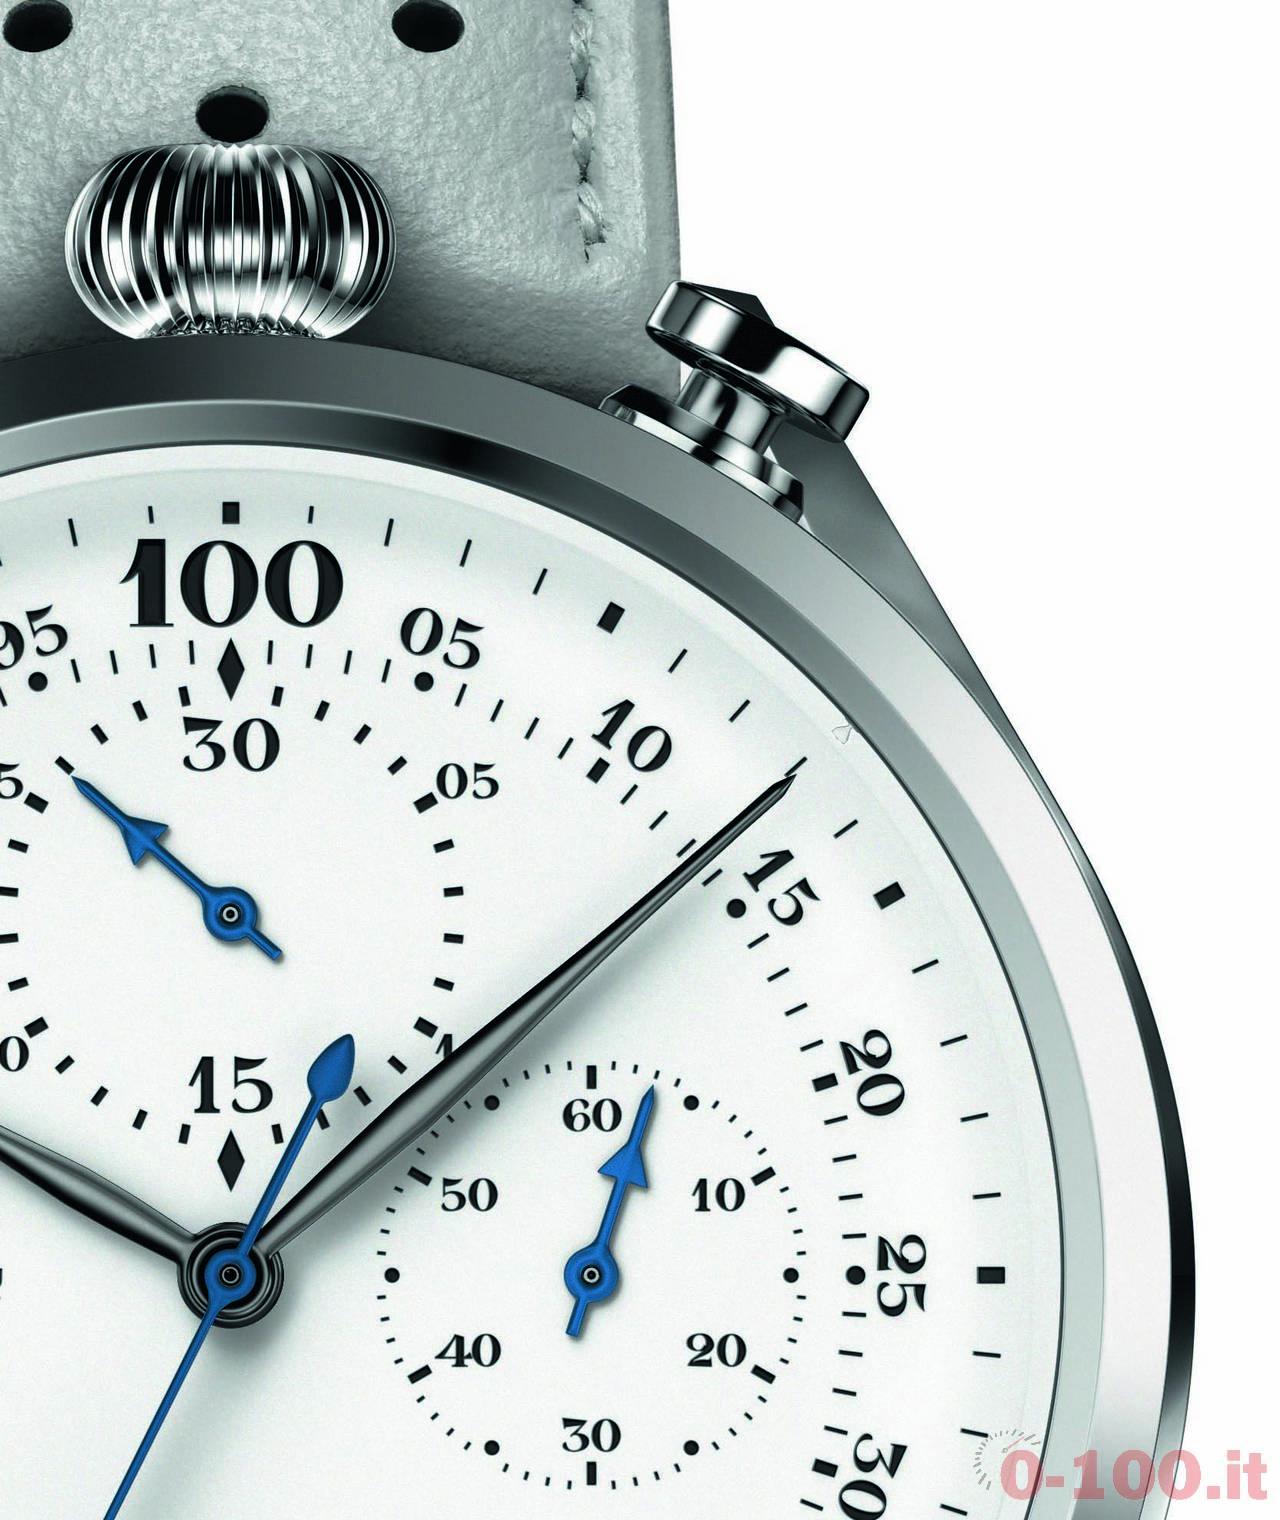 tag-heuer-carrera-mikrograph-edizione-anniversario-1916-2016-limited-edition-prezzo-price_0-1003